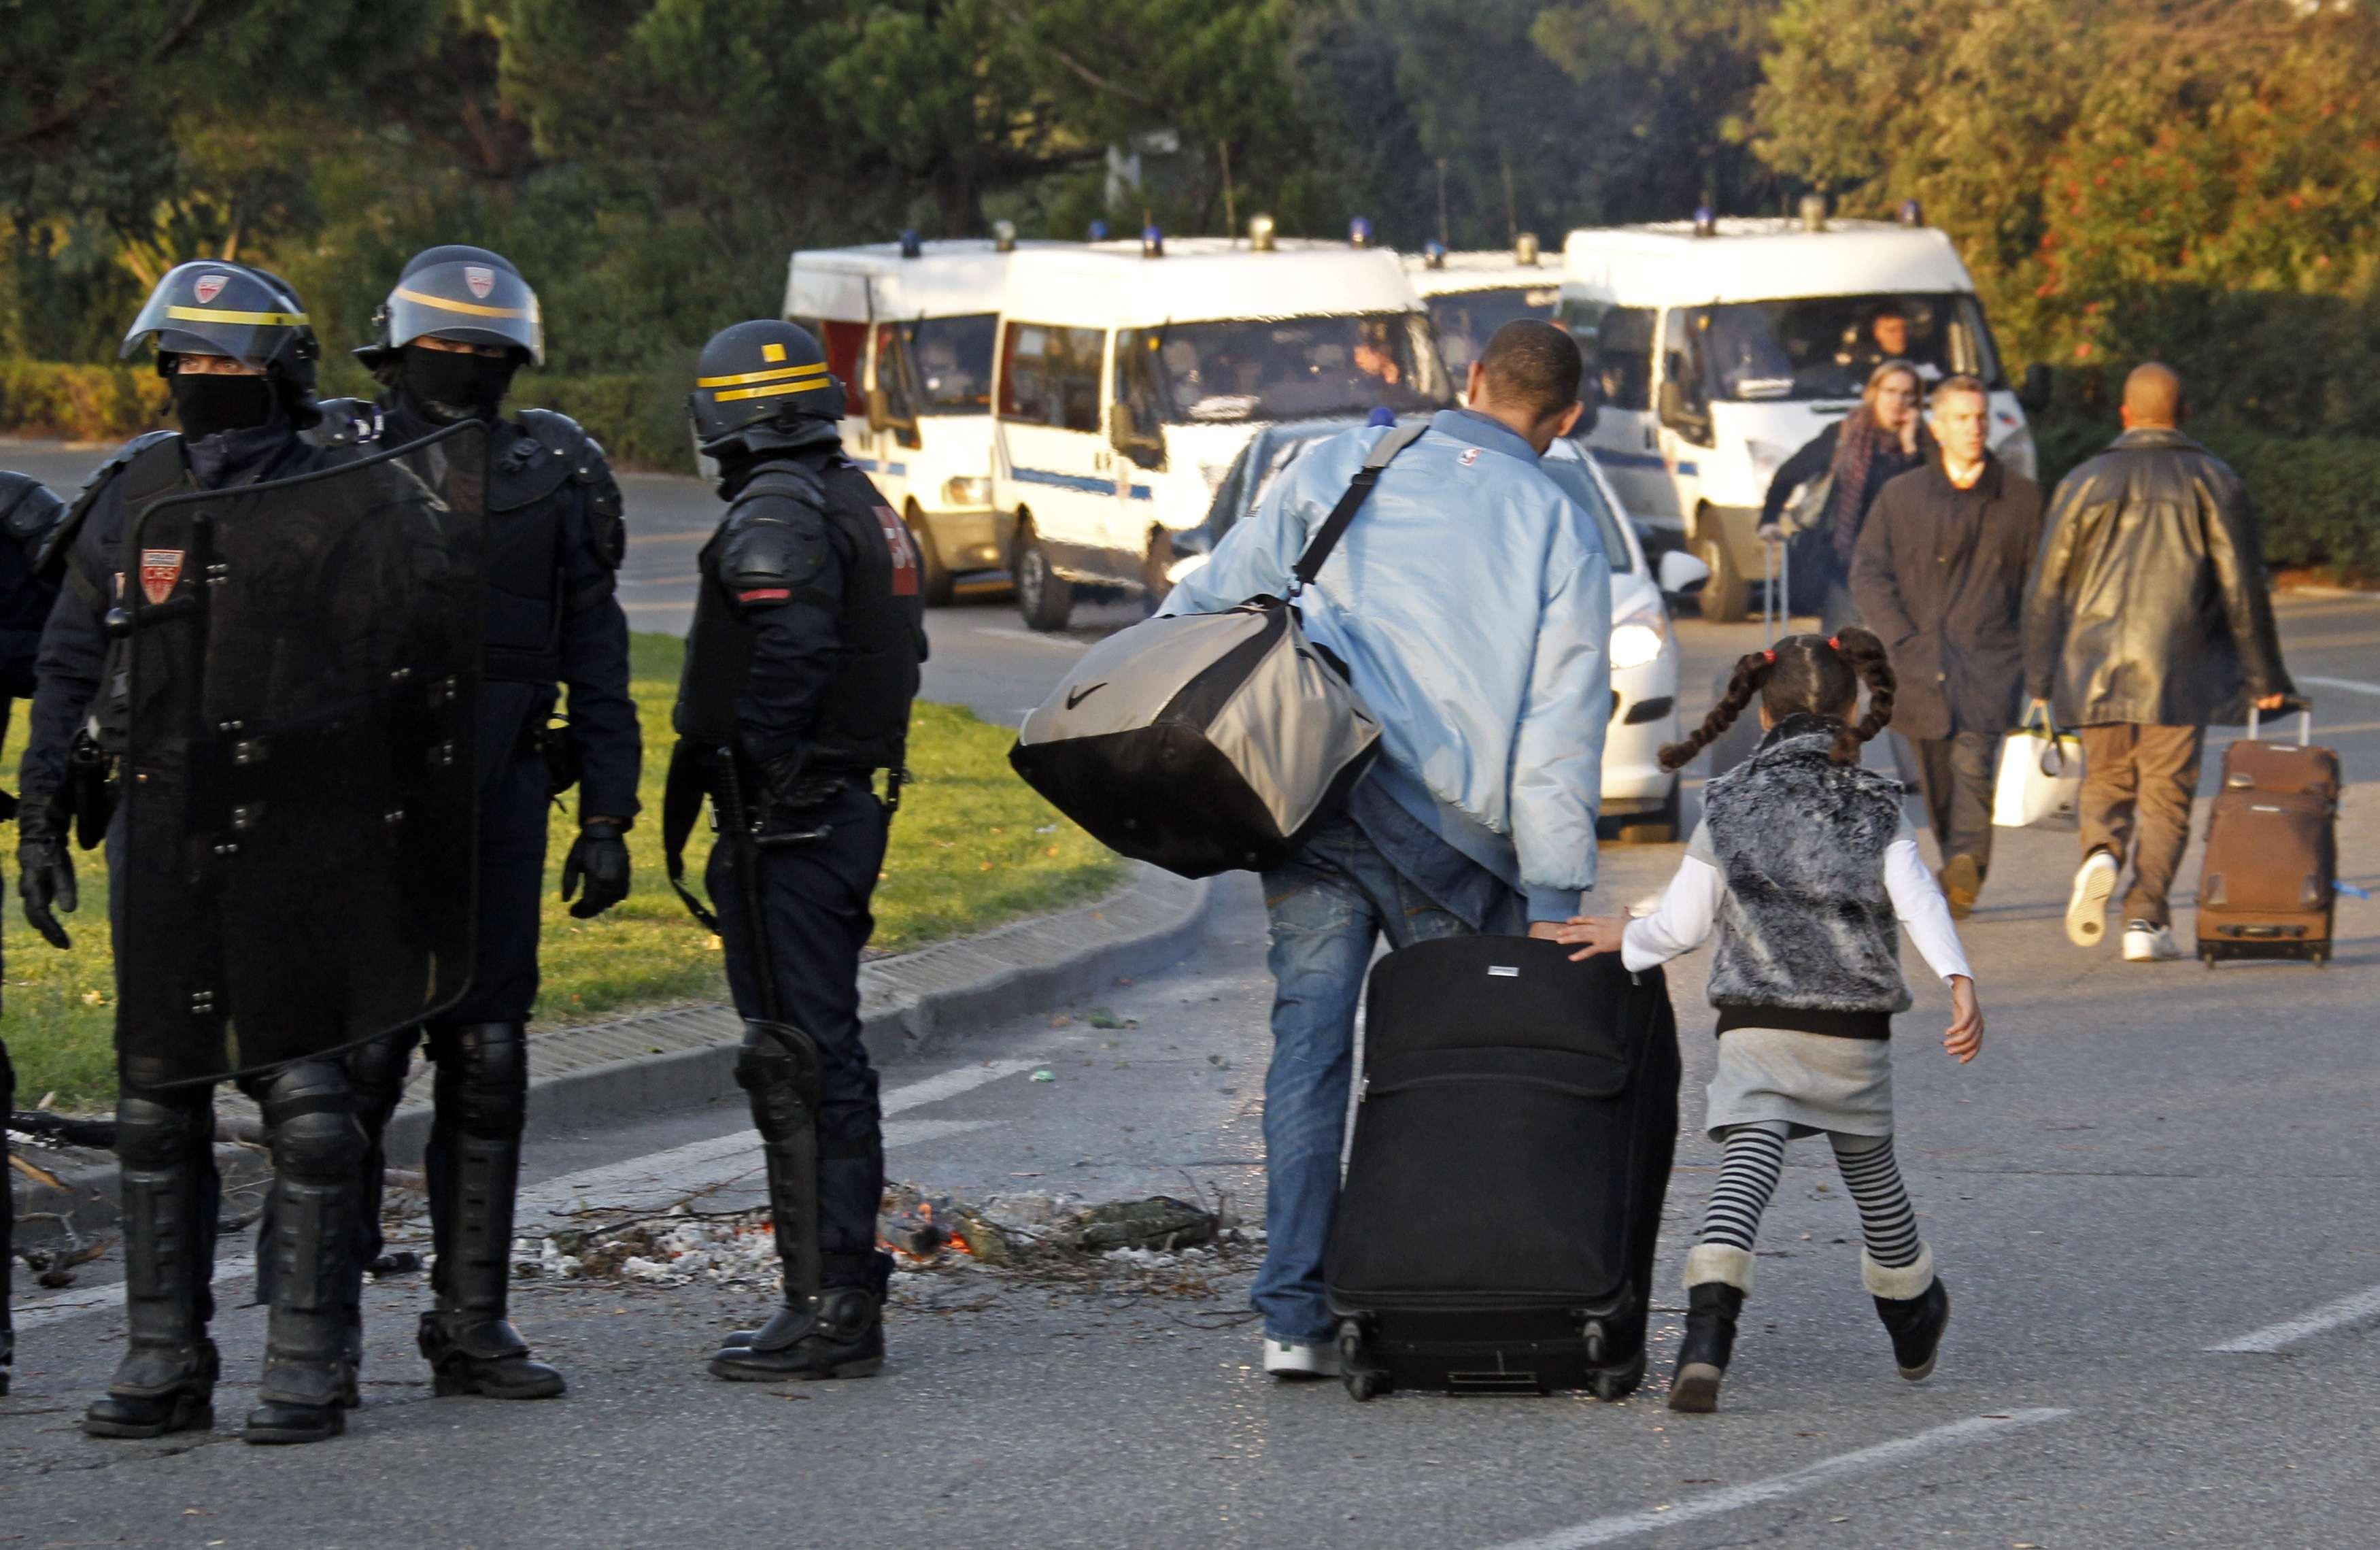 Τις βαλίτσες στους στο χέρι και δρόμο για το...αεροδρόμιο. ΦΩΤΟ REUTERS